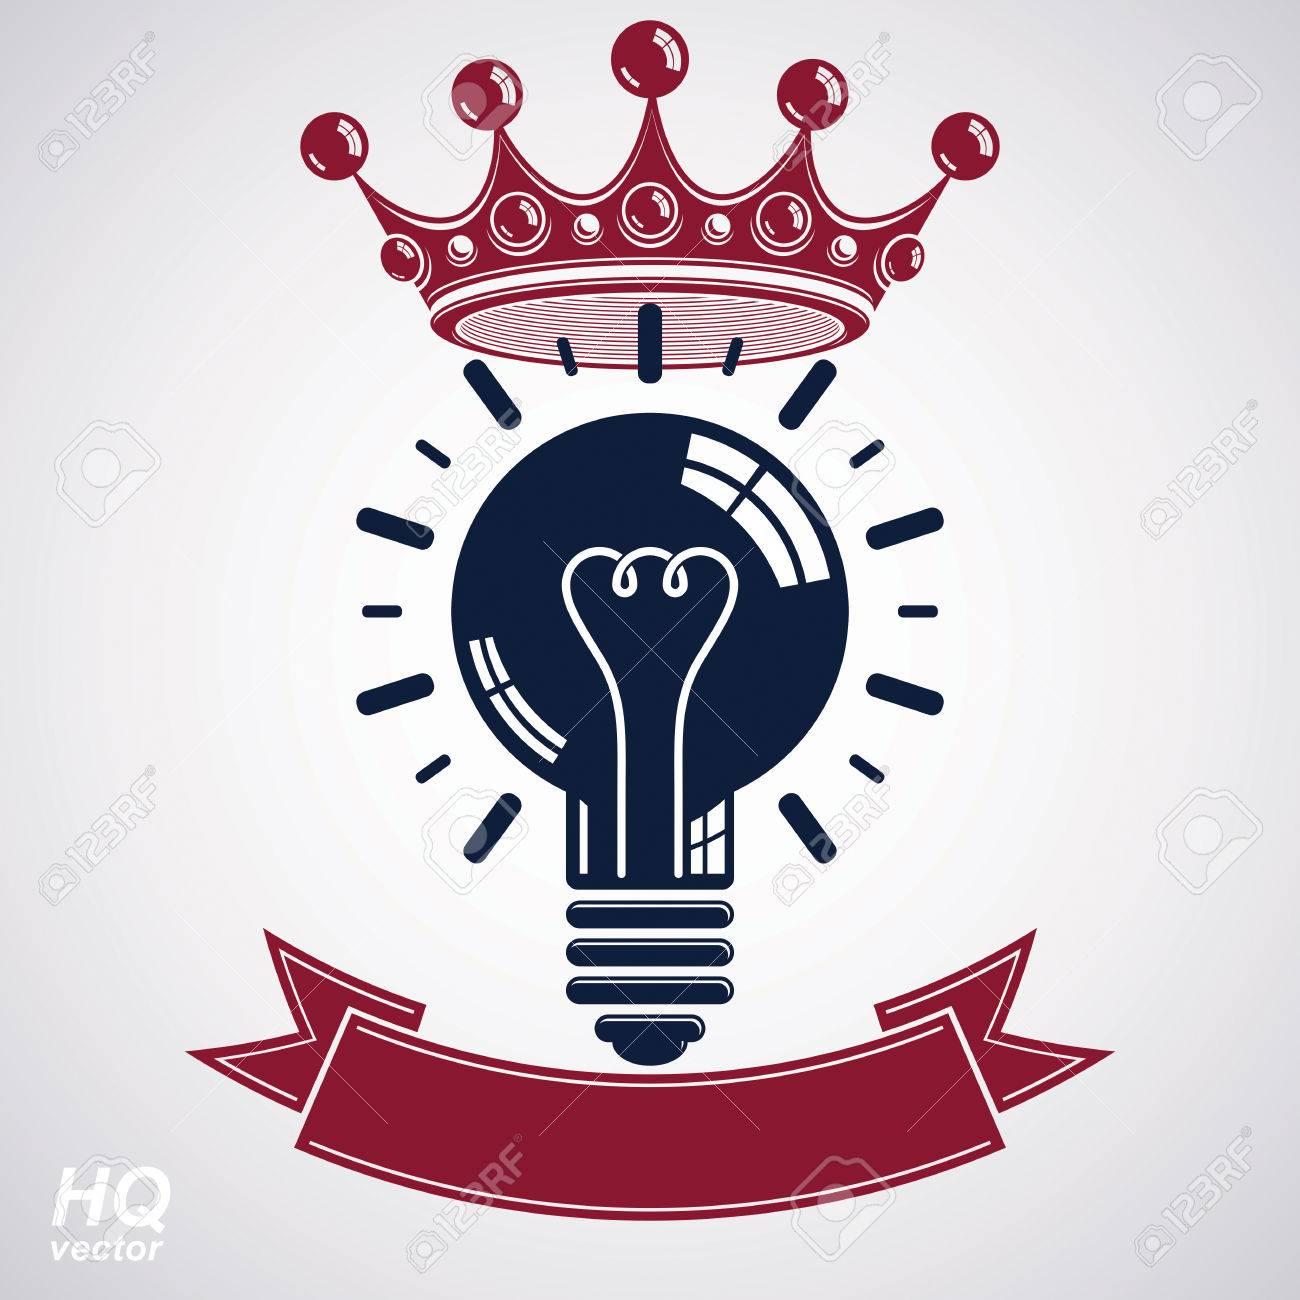 Elektrizität Glühbirne Symbol Mit Krone, Einblick Emblem. Vector ...